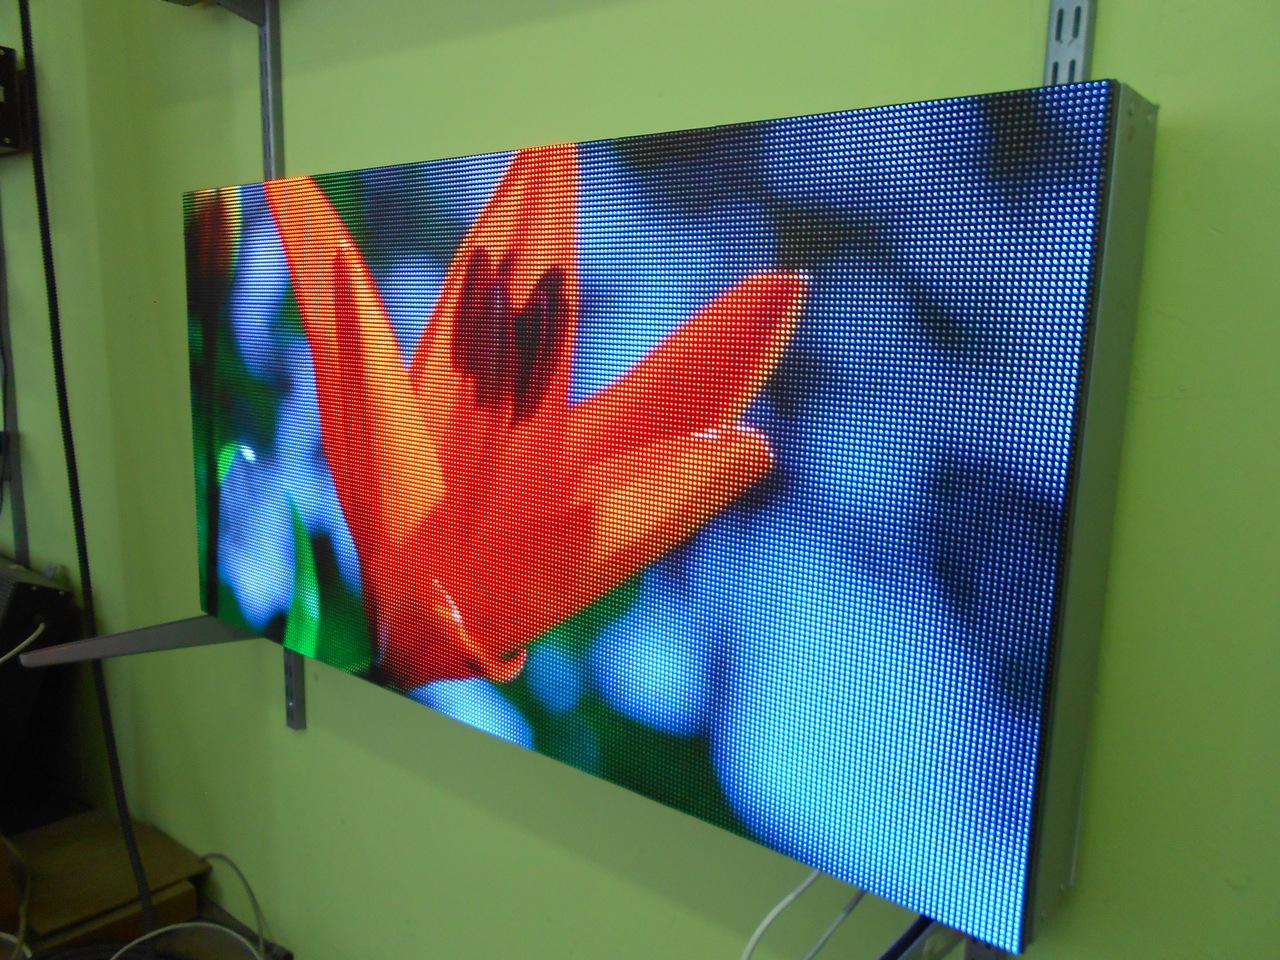 led-ekran-1024x512-p4-1